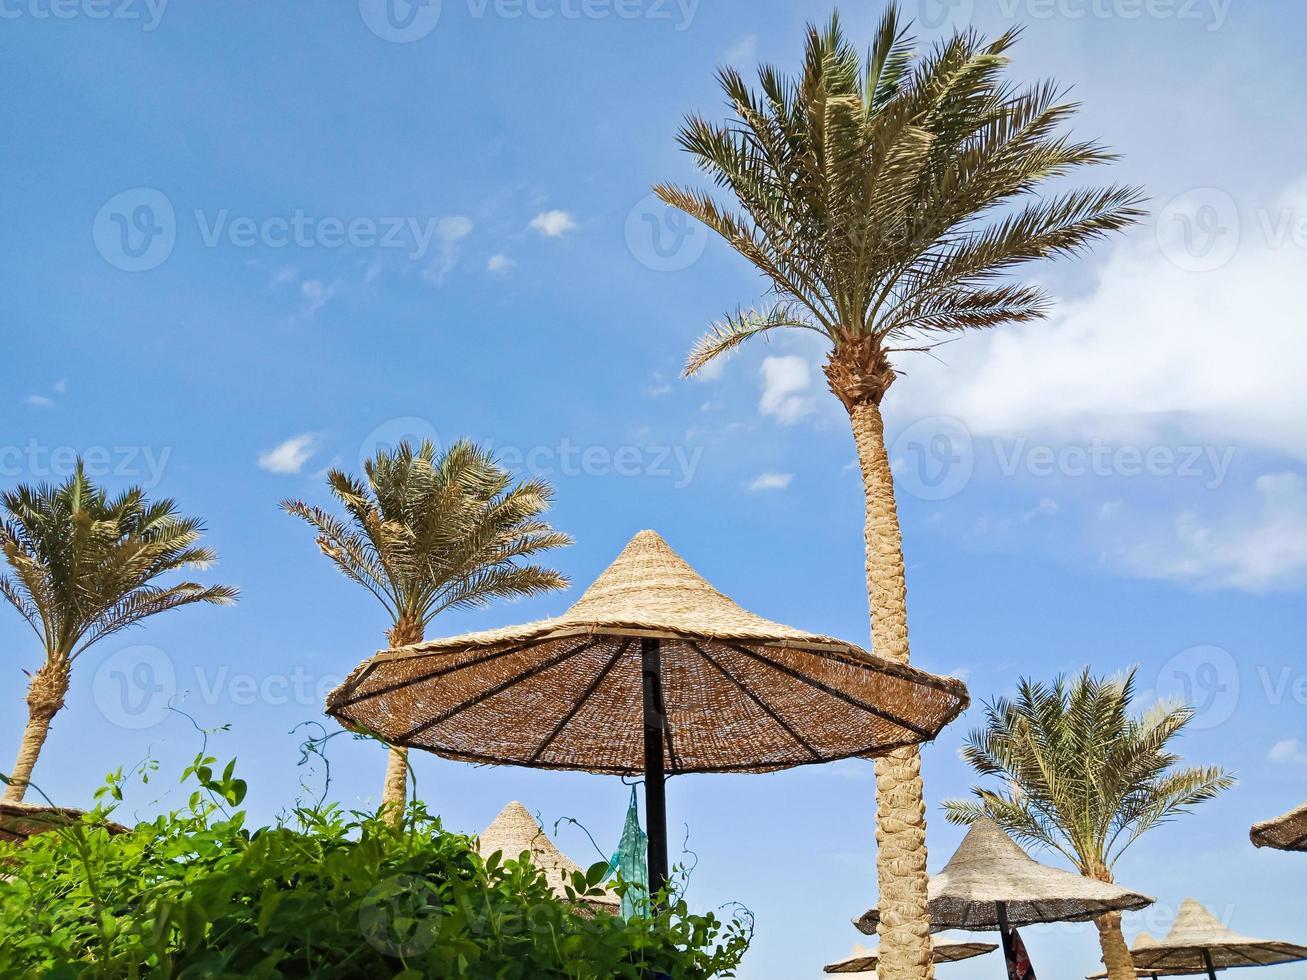 halmparaply och höga palmer i Hurghada, Egypten foto